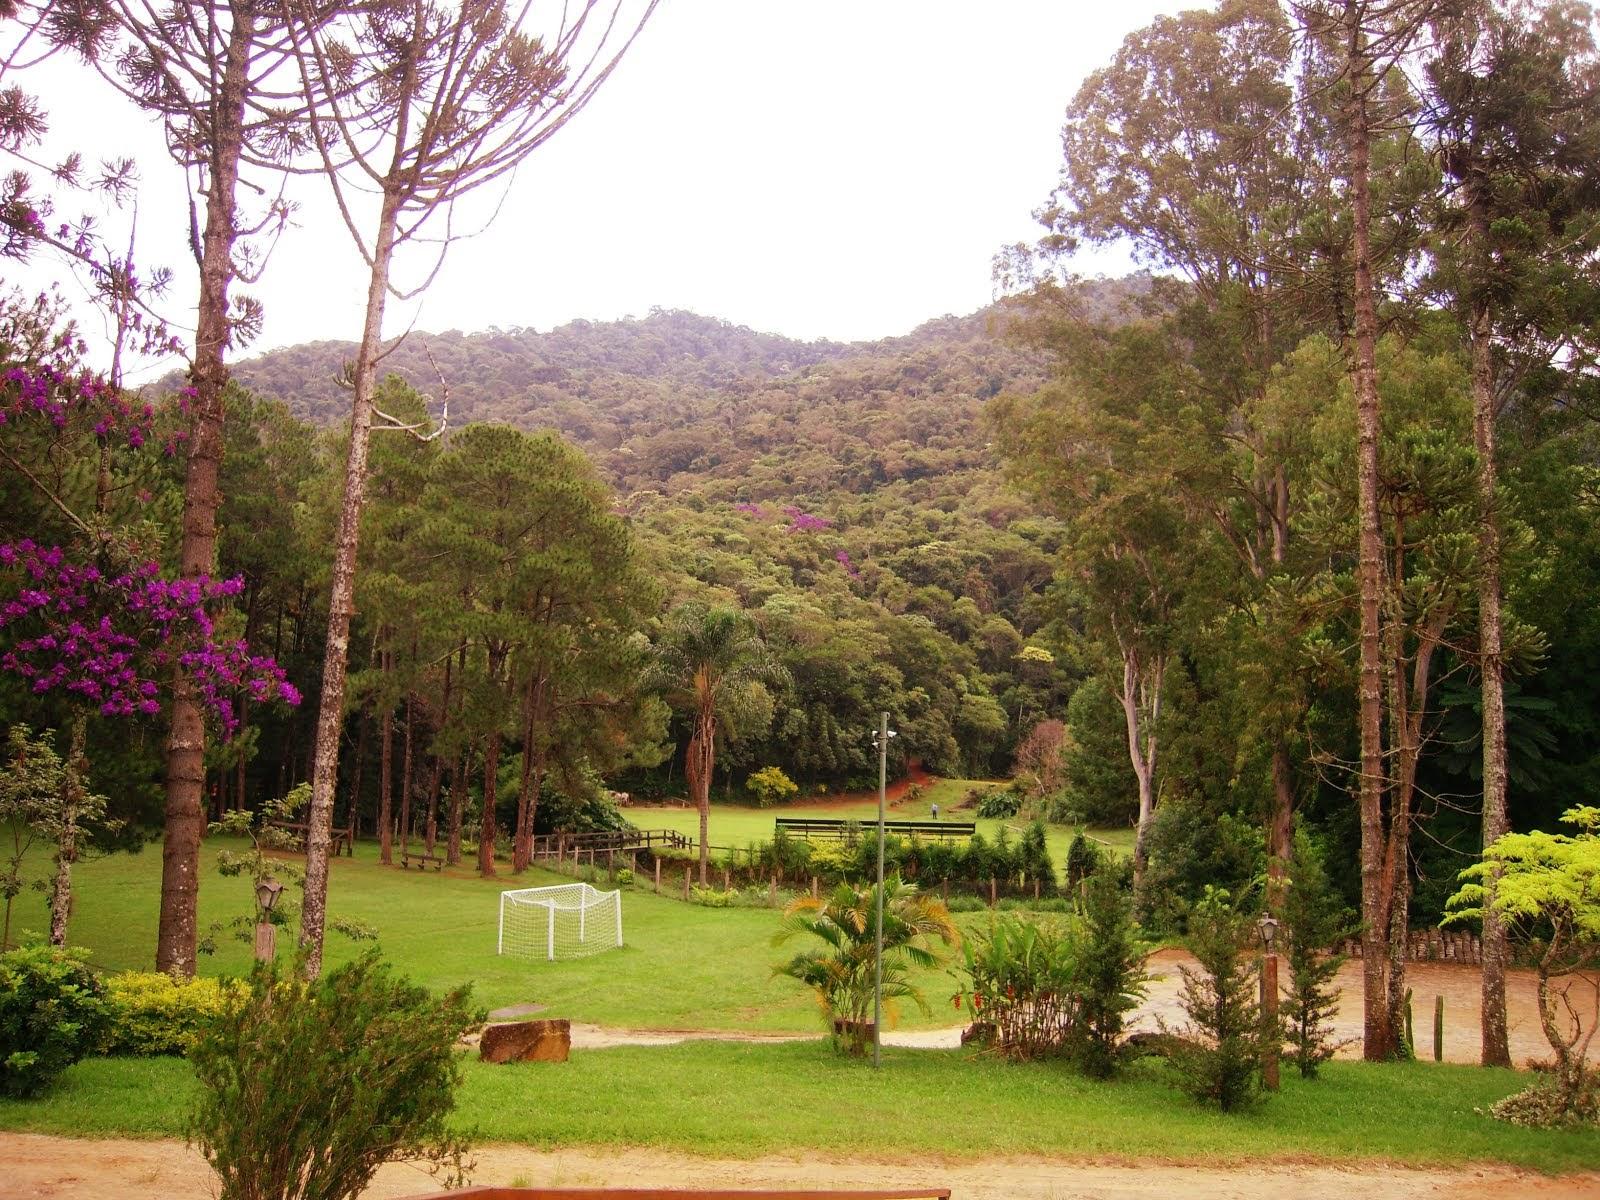 Beth's Camp in Brazil